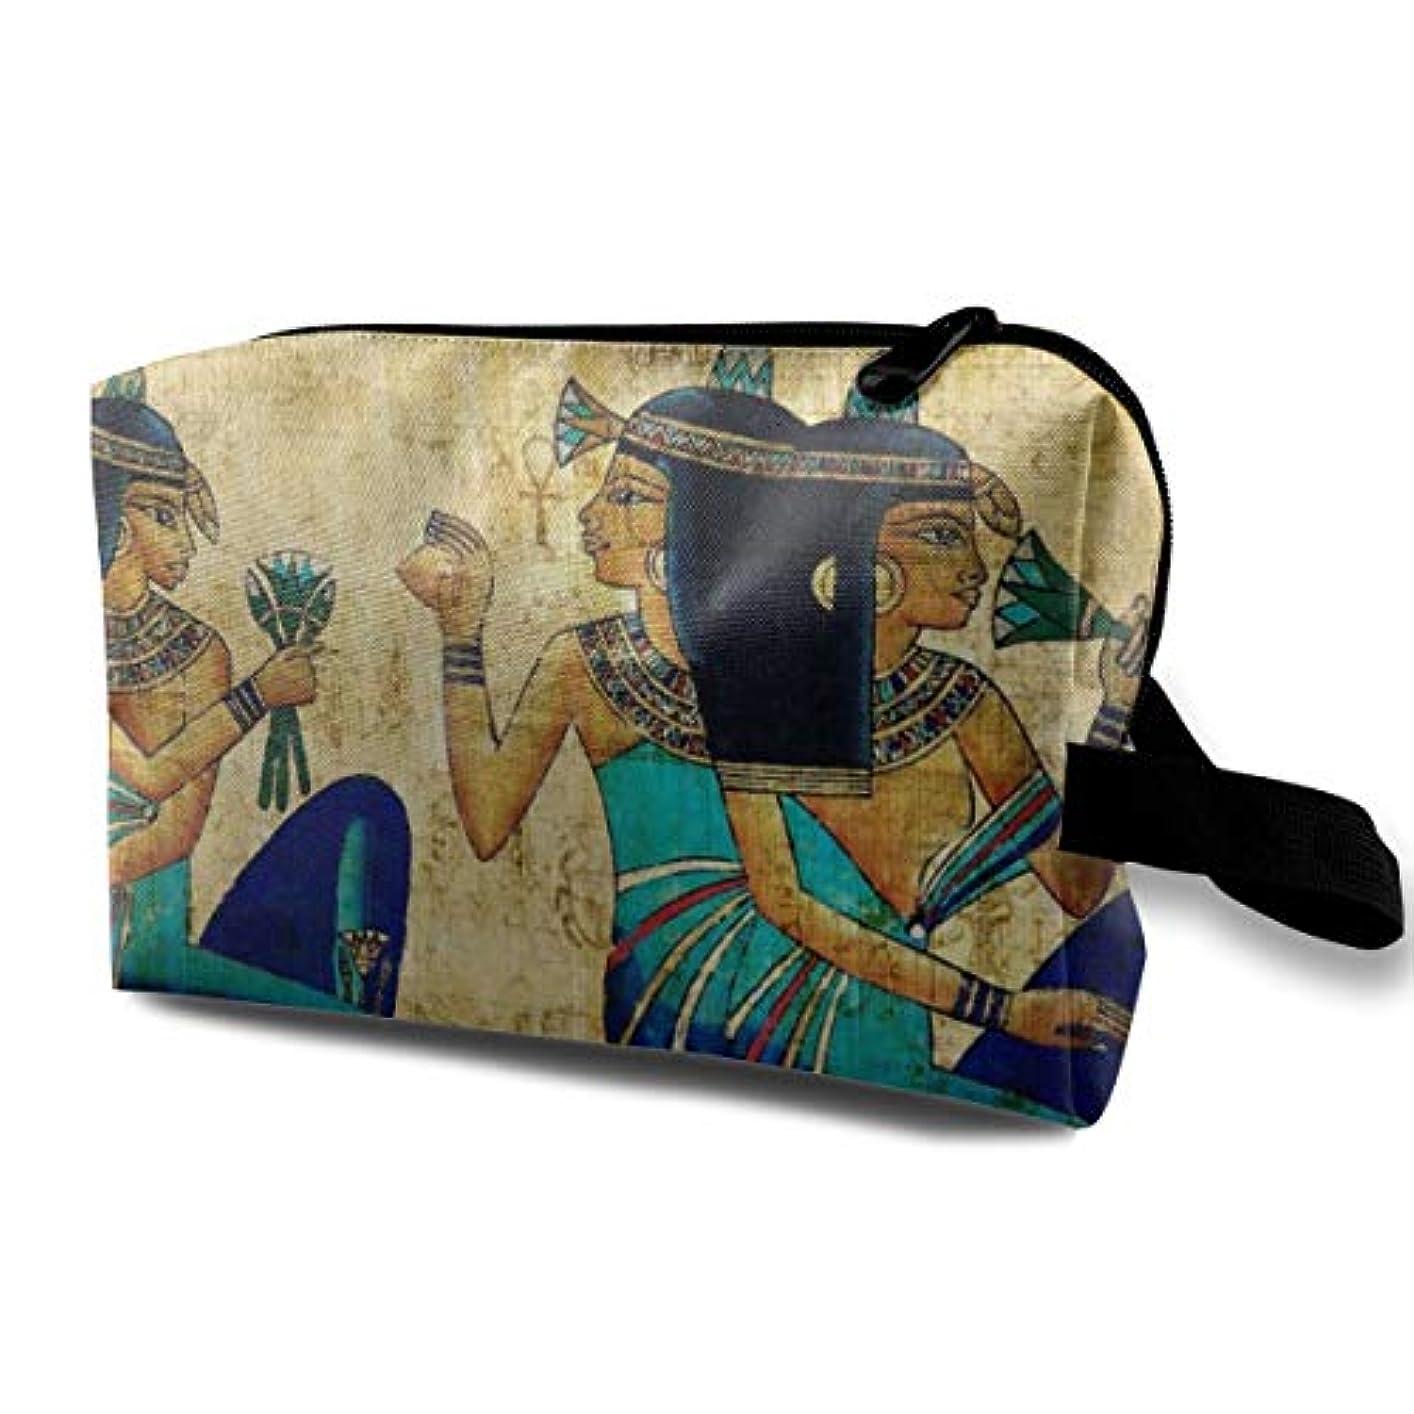 国旗少数有毒Vintage Egyptian 収納ポーチ 化粧ポーチ 大容量 軽量 耐久性 ハンドル付持ち運び便利。入れ 自宅?出張?旅行?アウトドア撮影などに対応。メンズ レディース トラベルグッズ